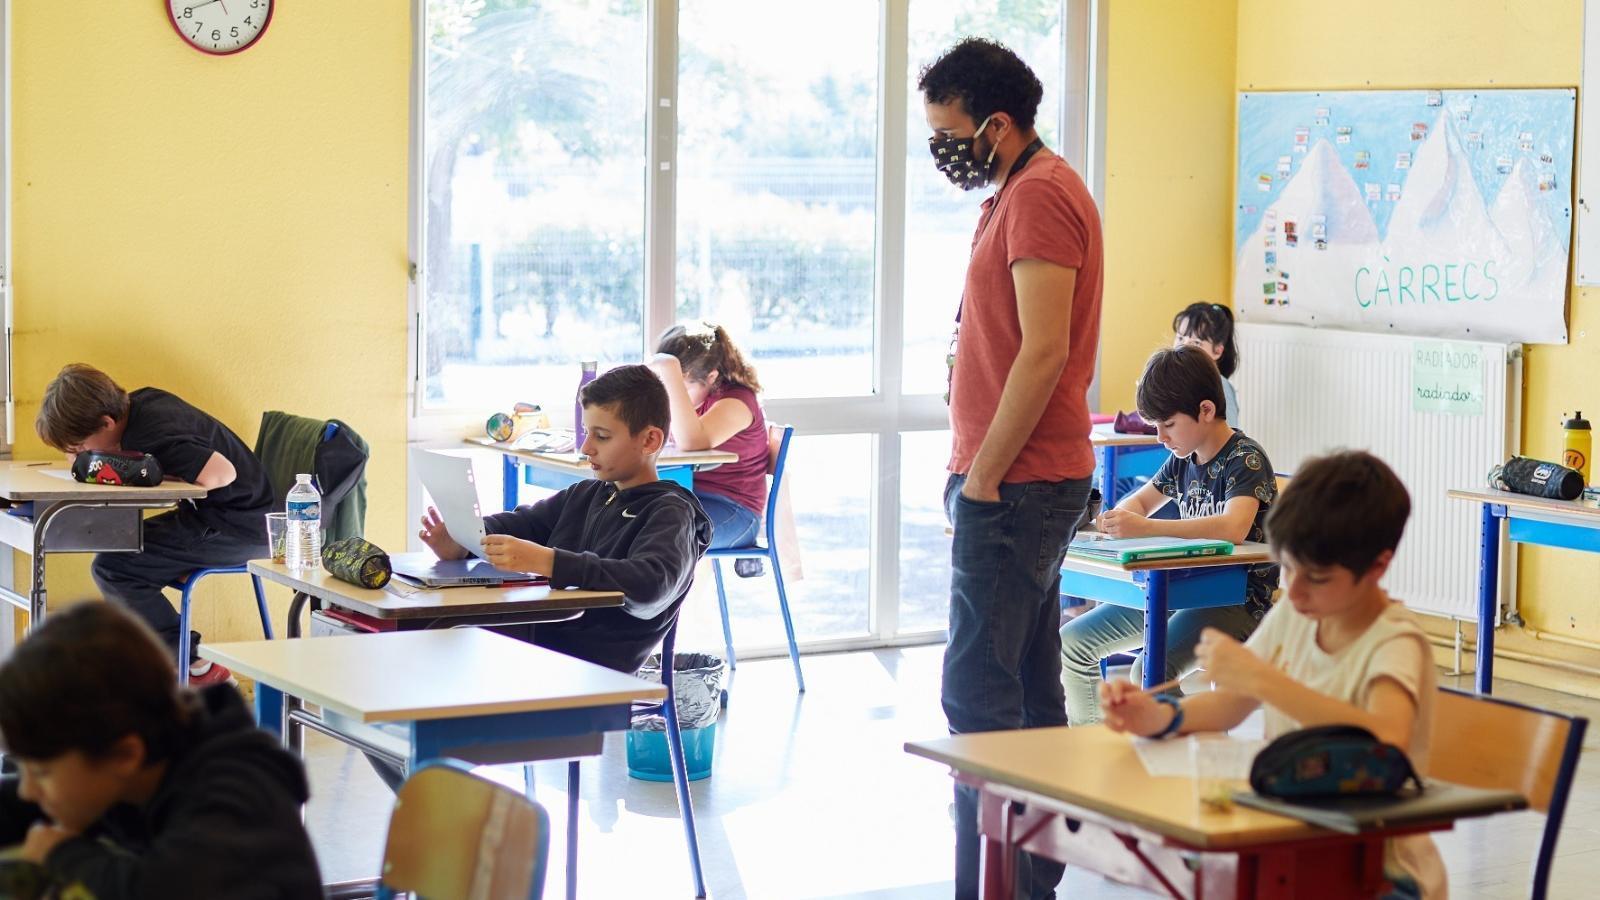 L'Estat planteja grups de 15 alumnes sense distància social ni mascareta fins a 4t de primària